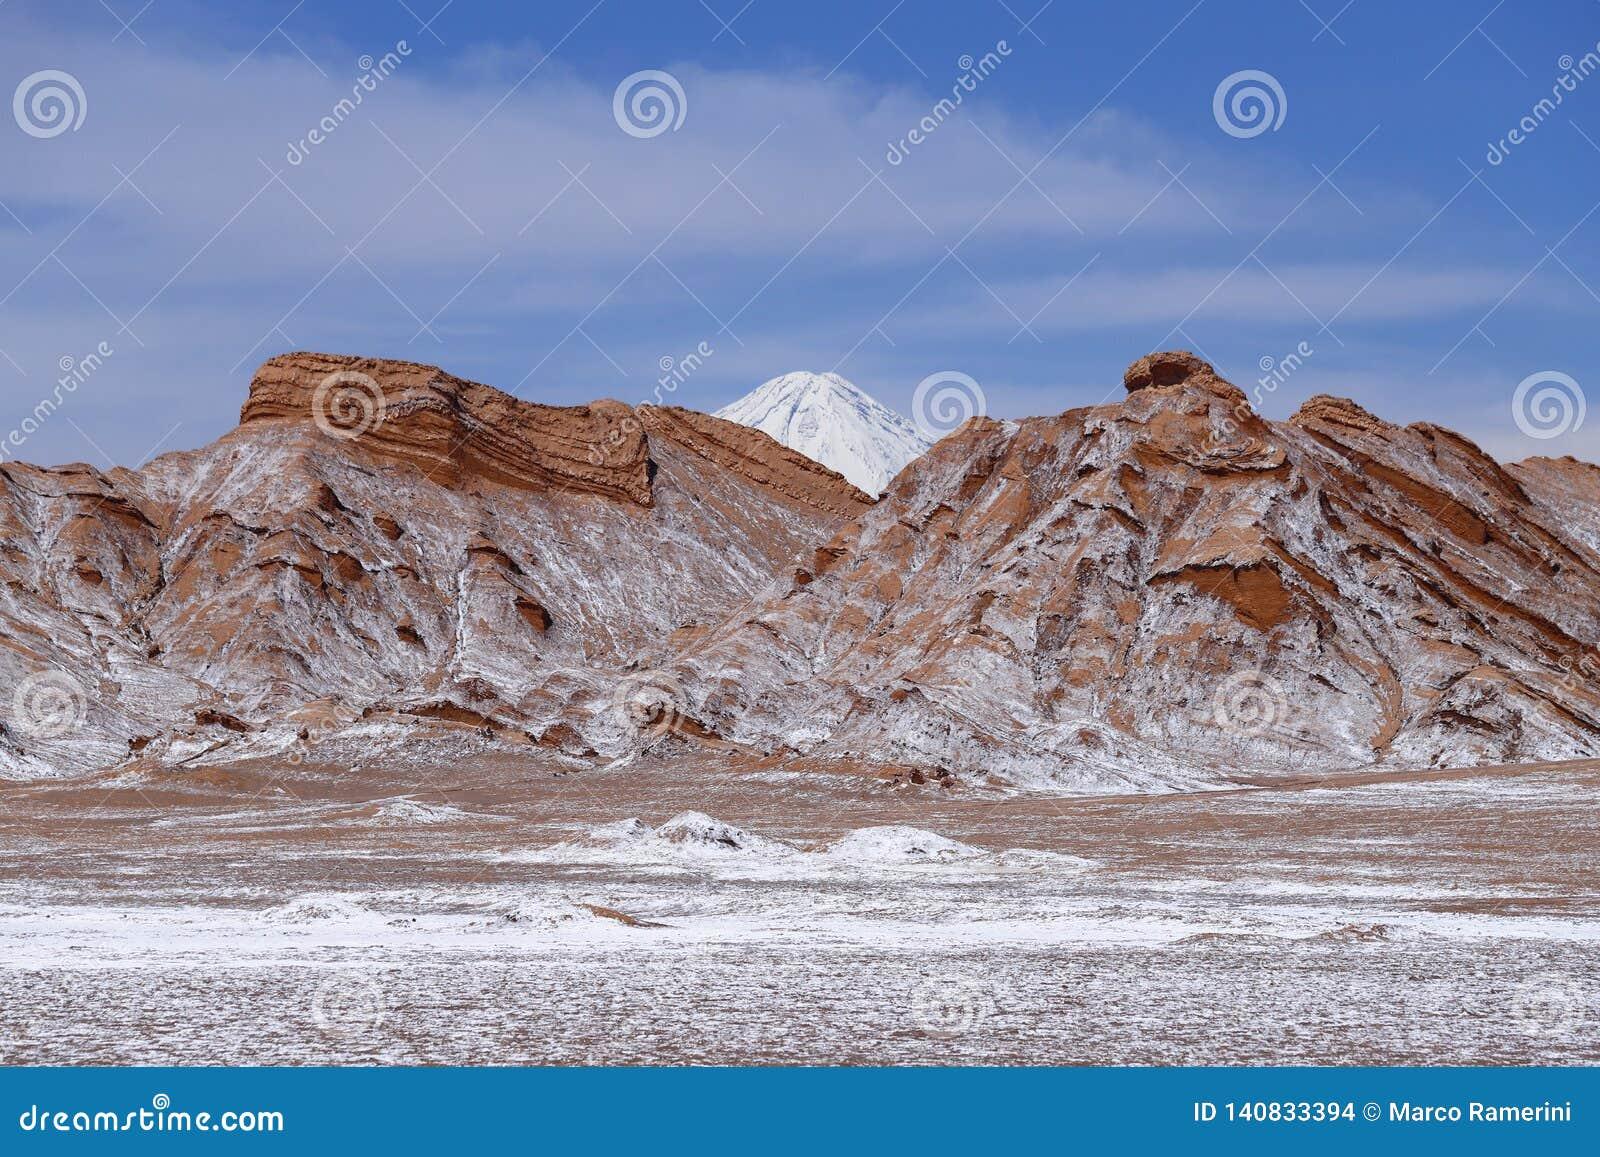 Valle della luna - La Luna, deserto di Atacama, Cile di Valle de